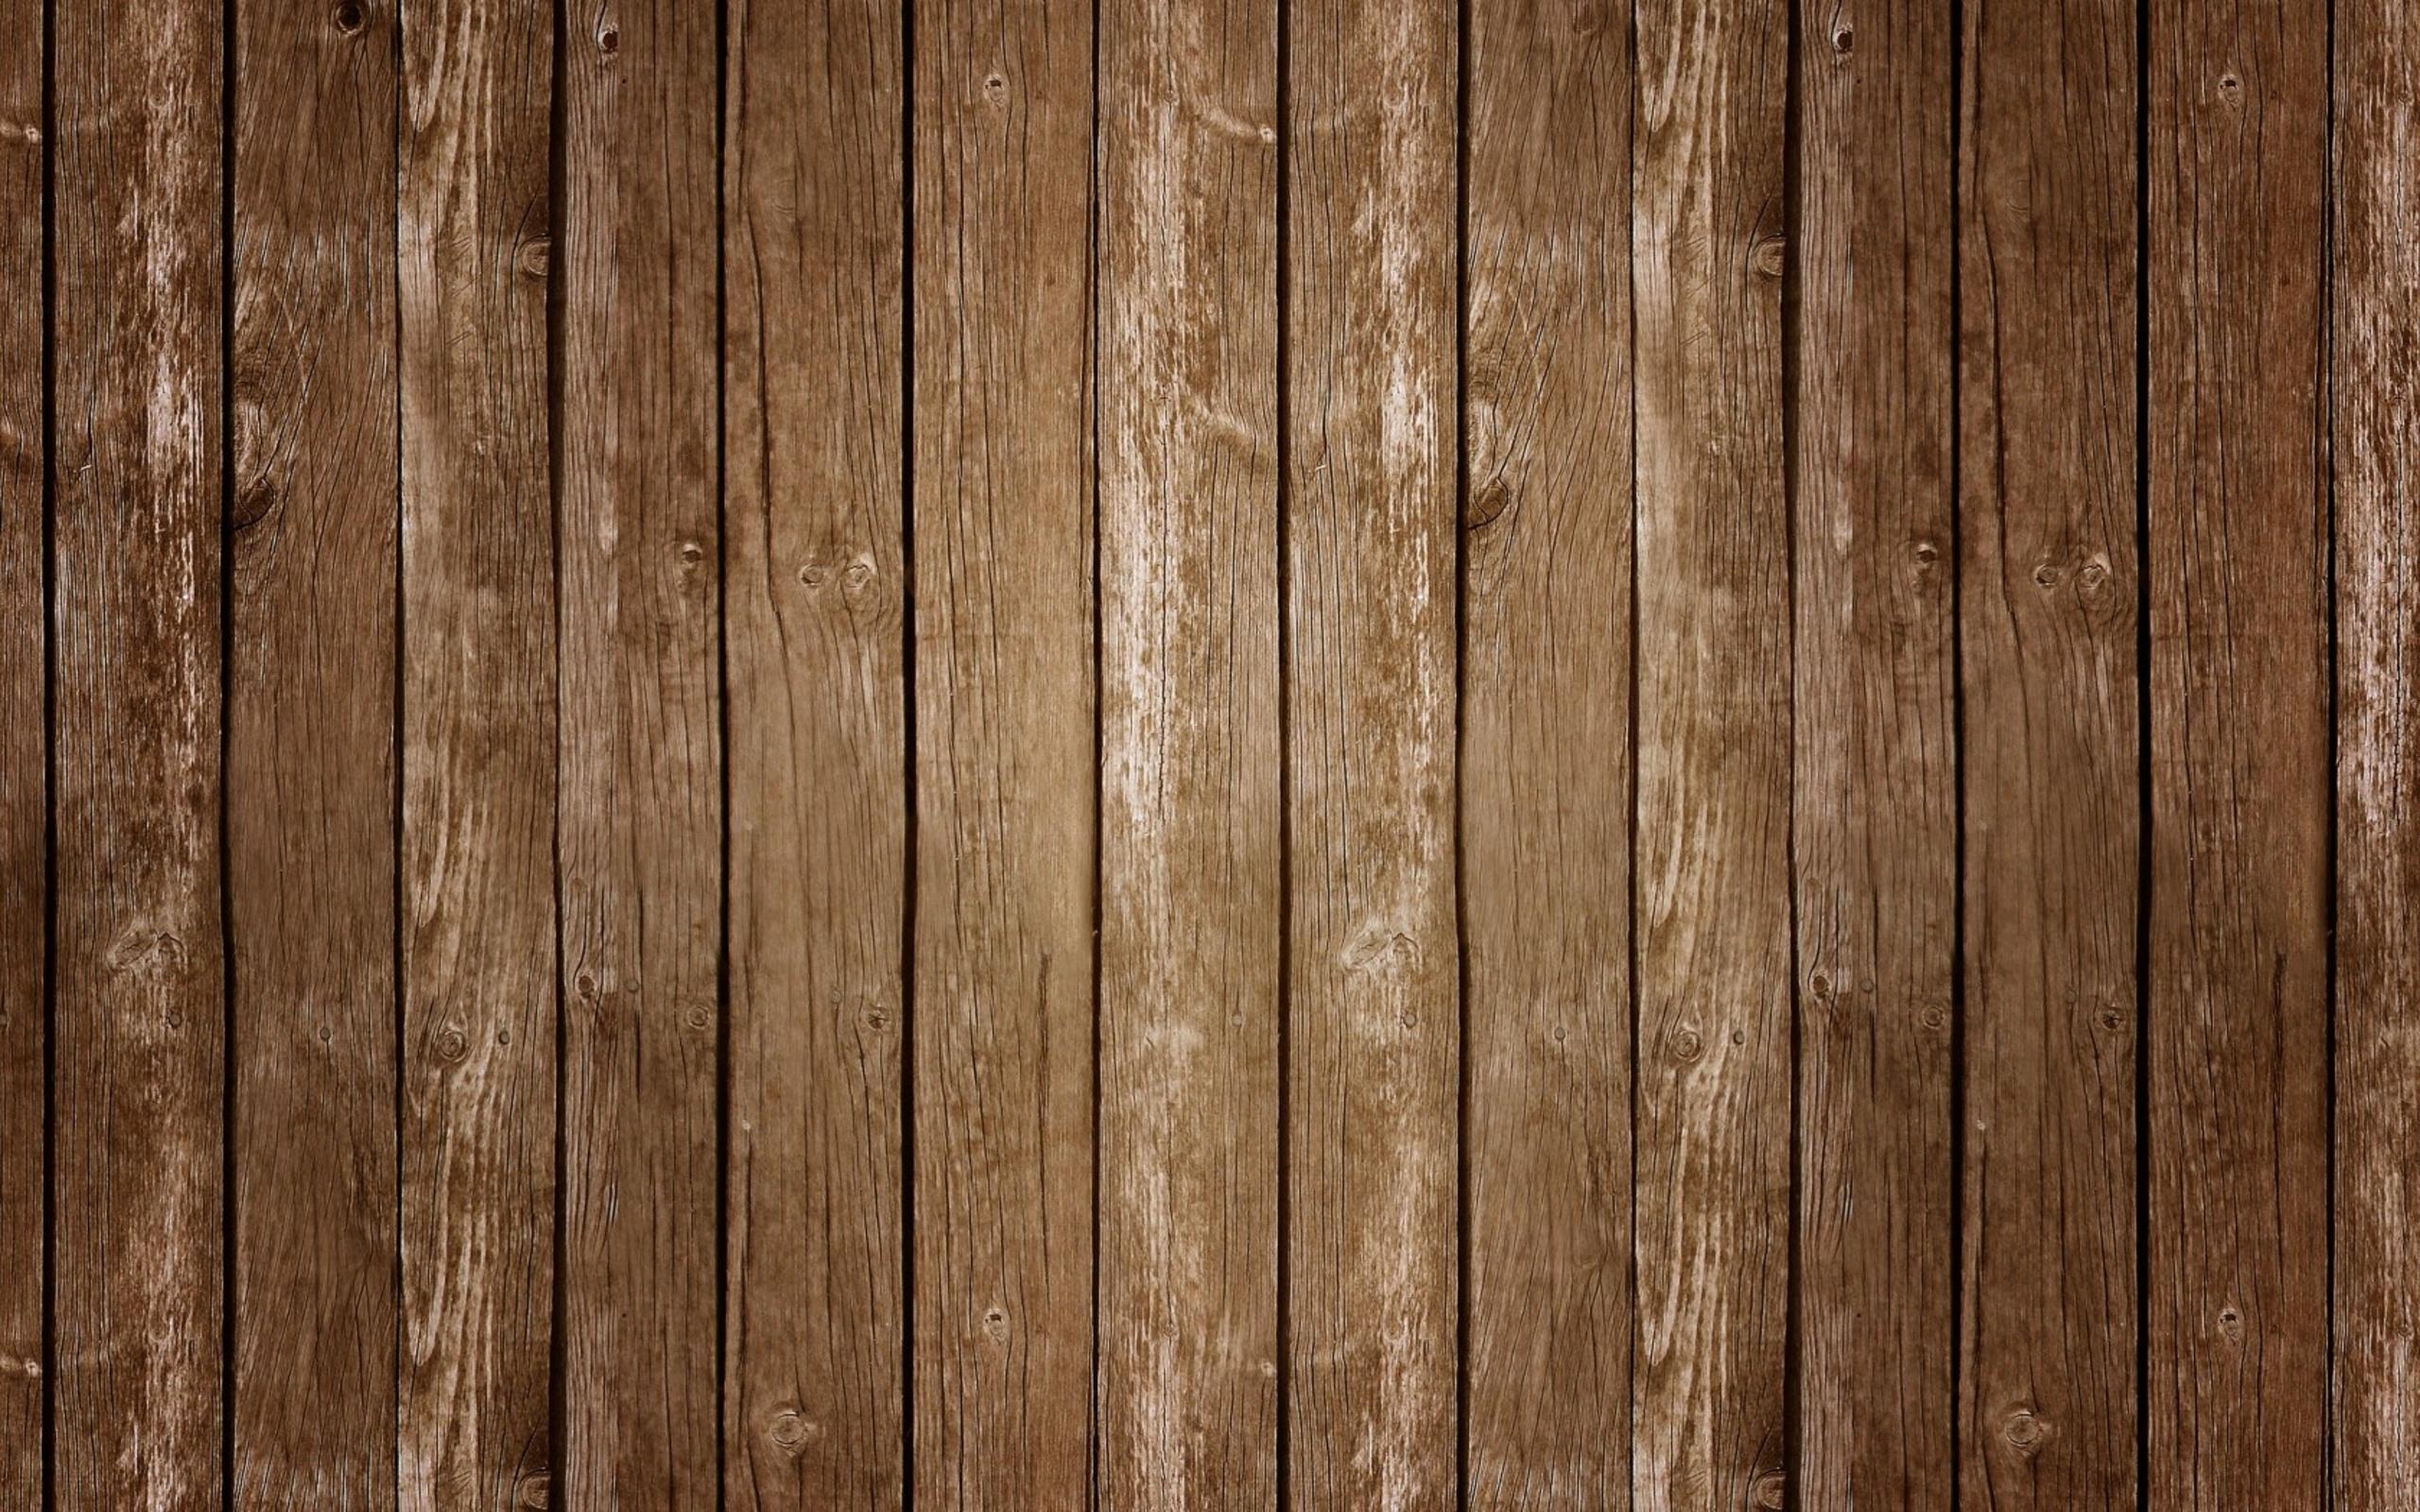 Wood Computer Wallpapers Desktop Backgrounds 2560x1600 ID370799 2560x1600